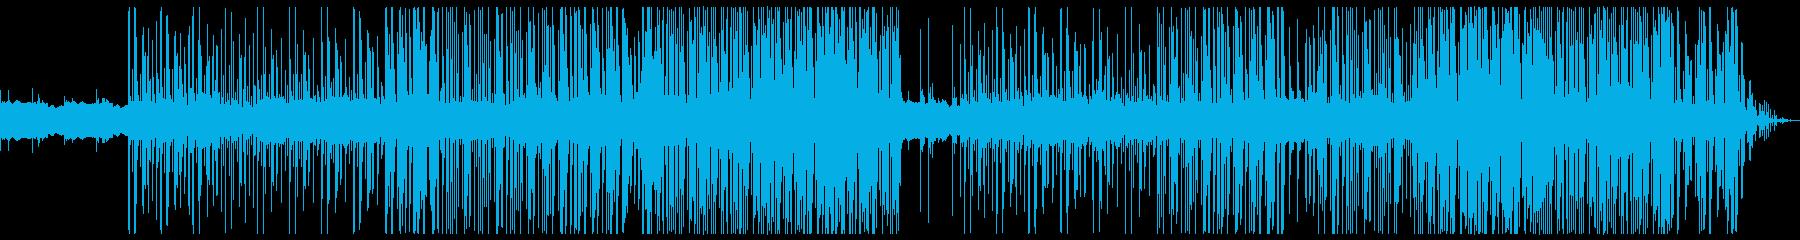 切ない ポップ トラップビートの再生済みの波形